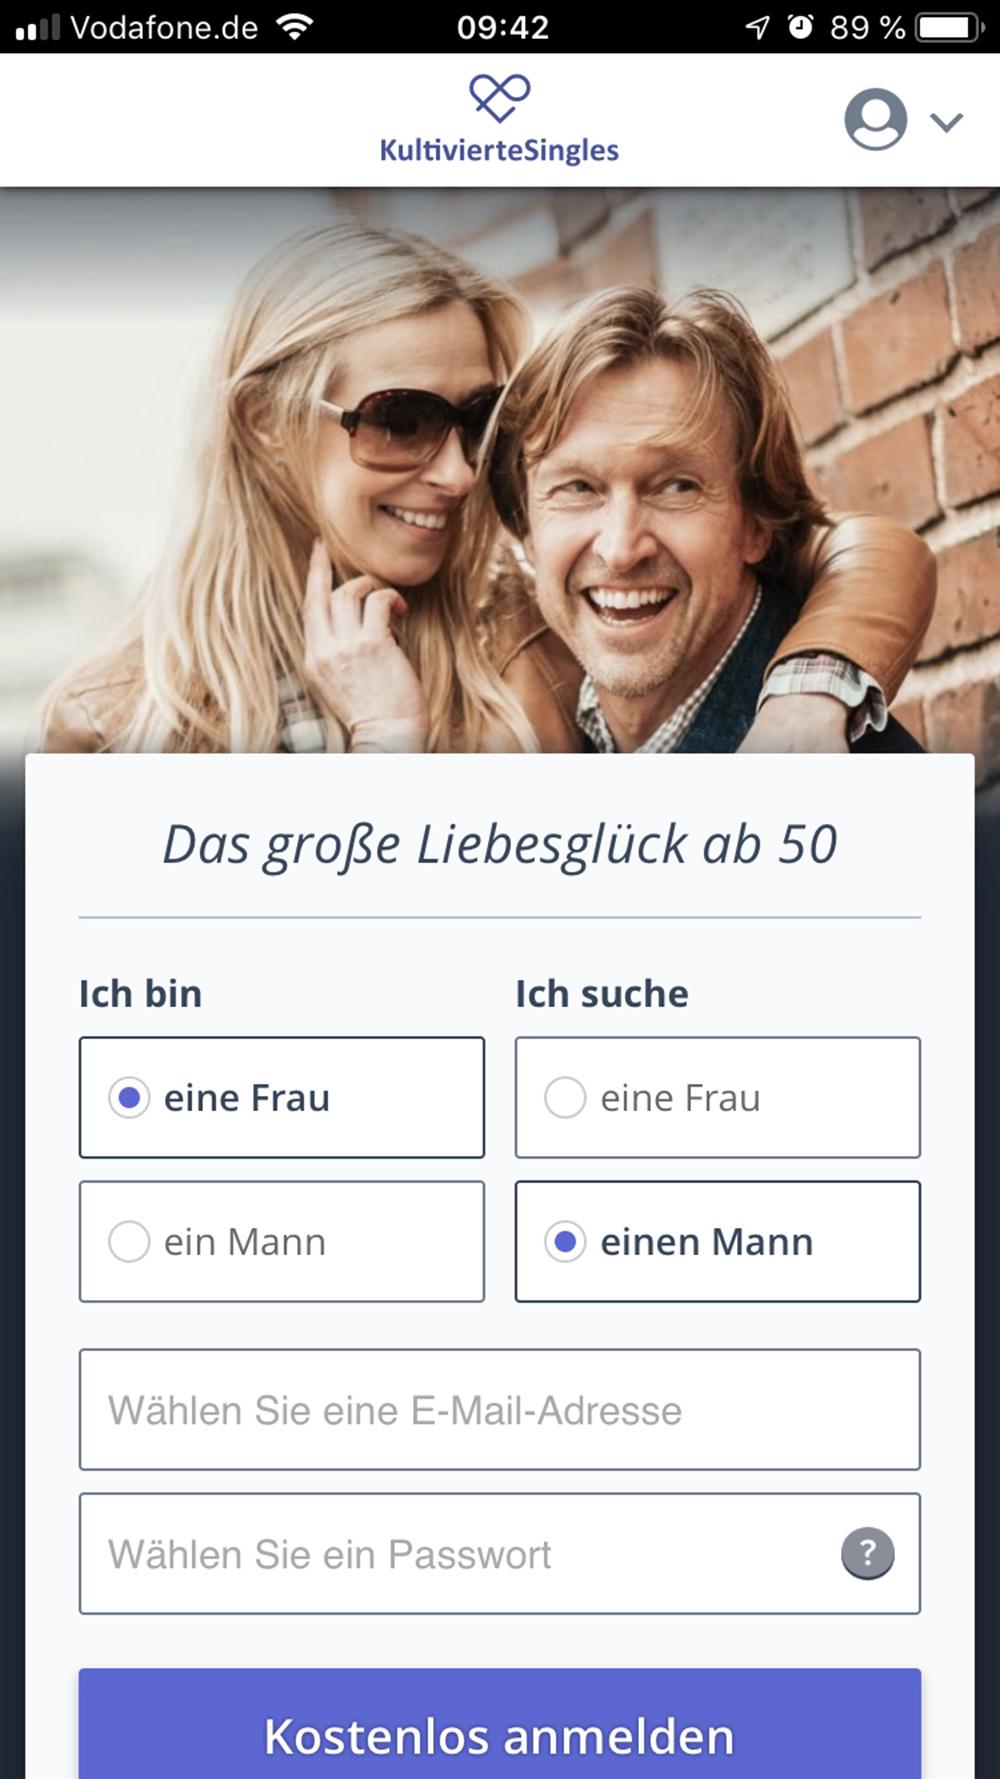 Freunde und Singles in sterreich, 100 - autogenitrening.com